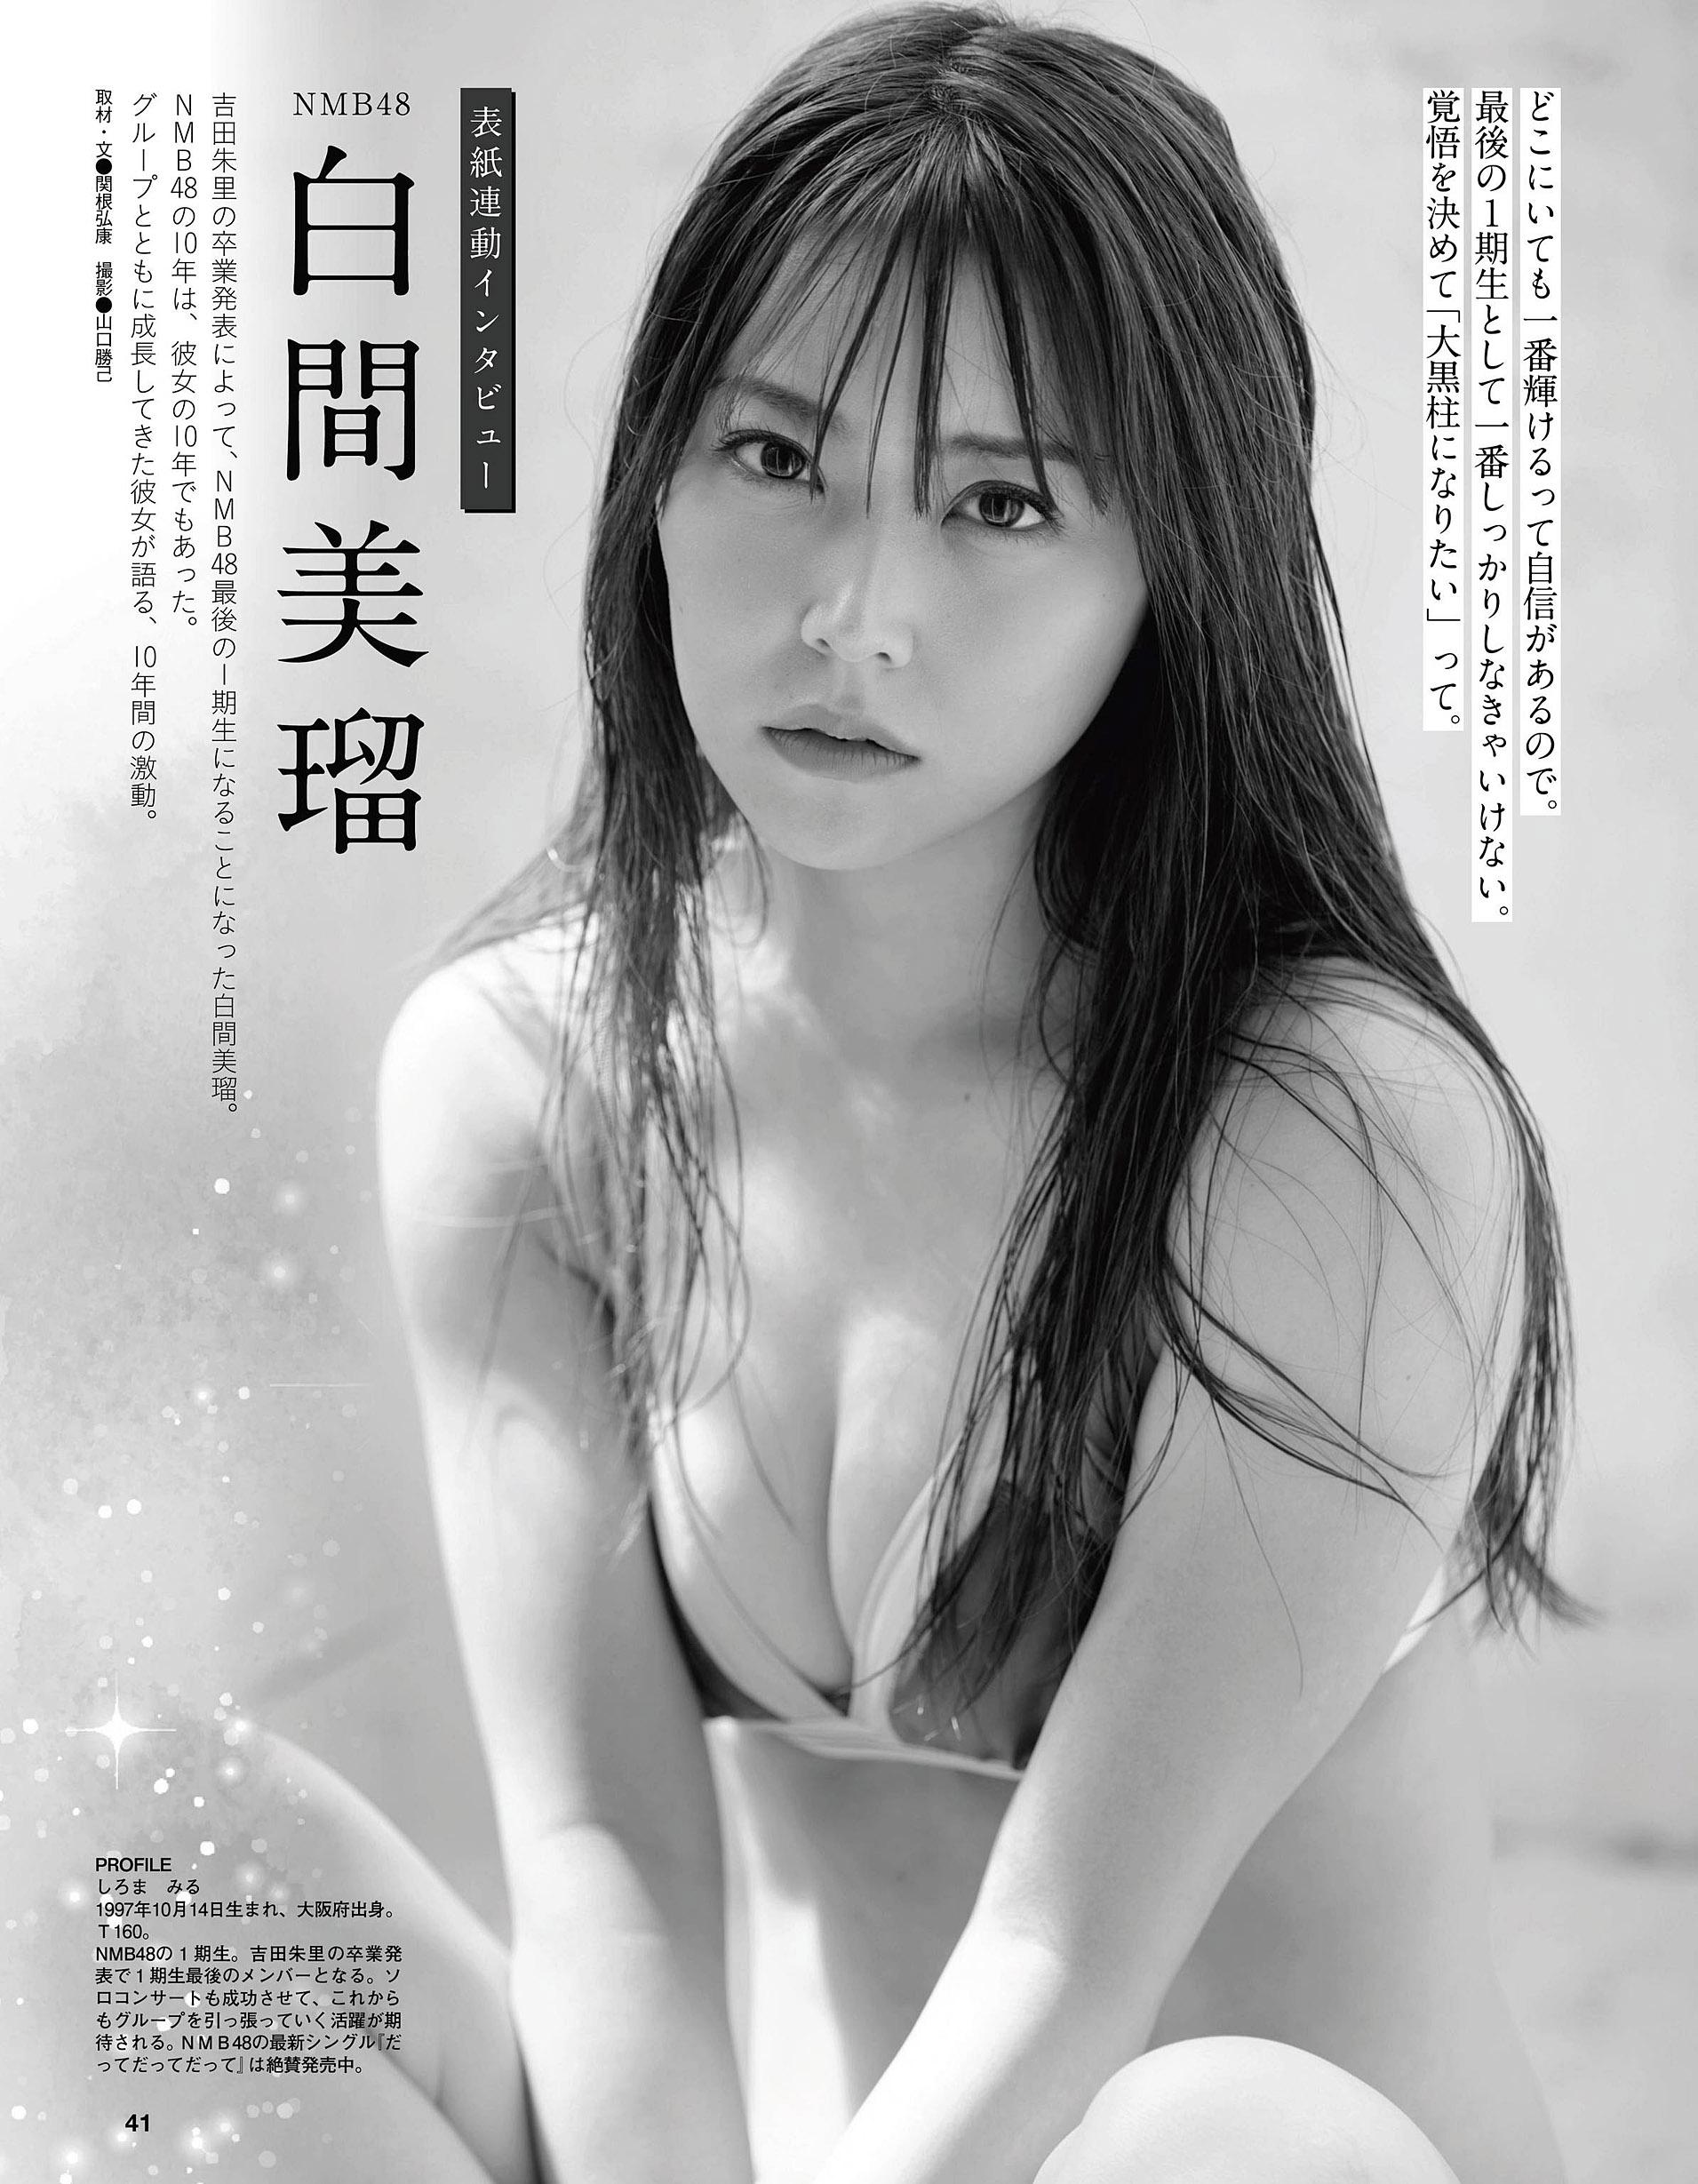 MShiromu EX-Taishu 2010 12.jpg